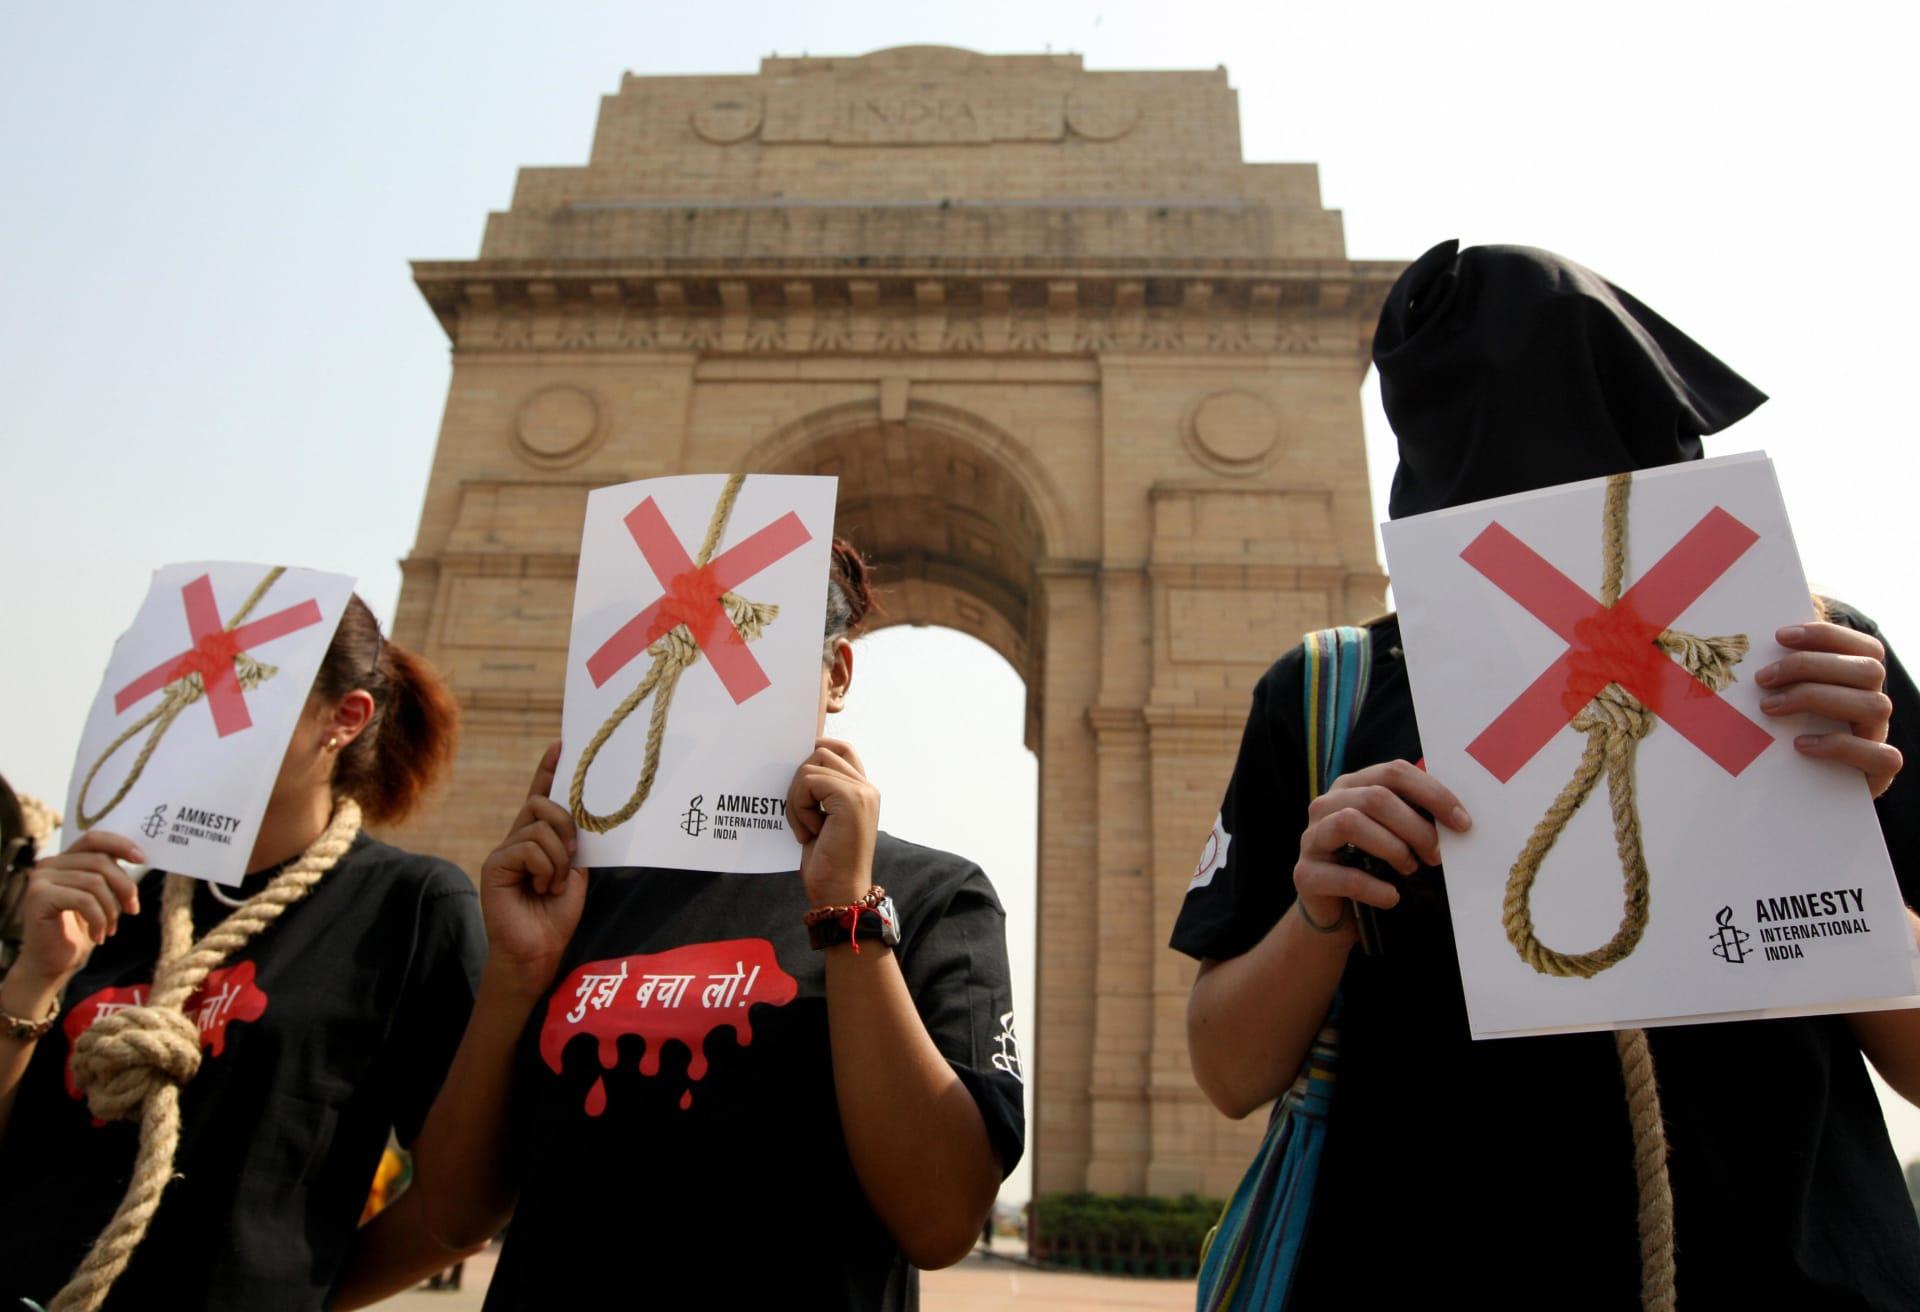 صورة أرشيفية لنشطاء من منظمة العفو الدولية يتظاهرون ضد عقوبة الإعدام